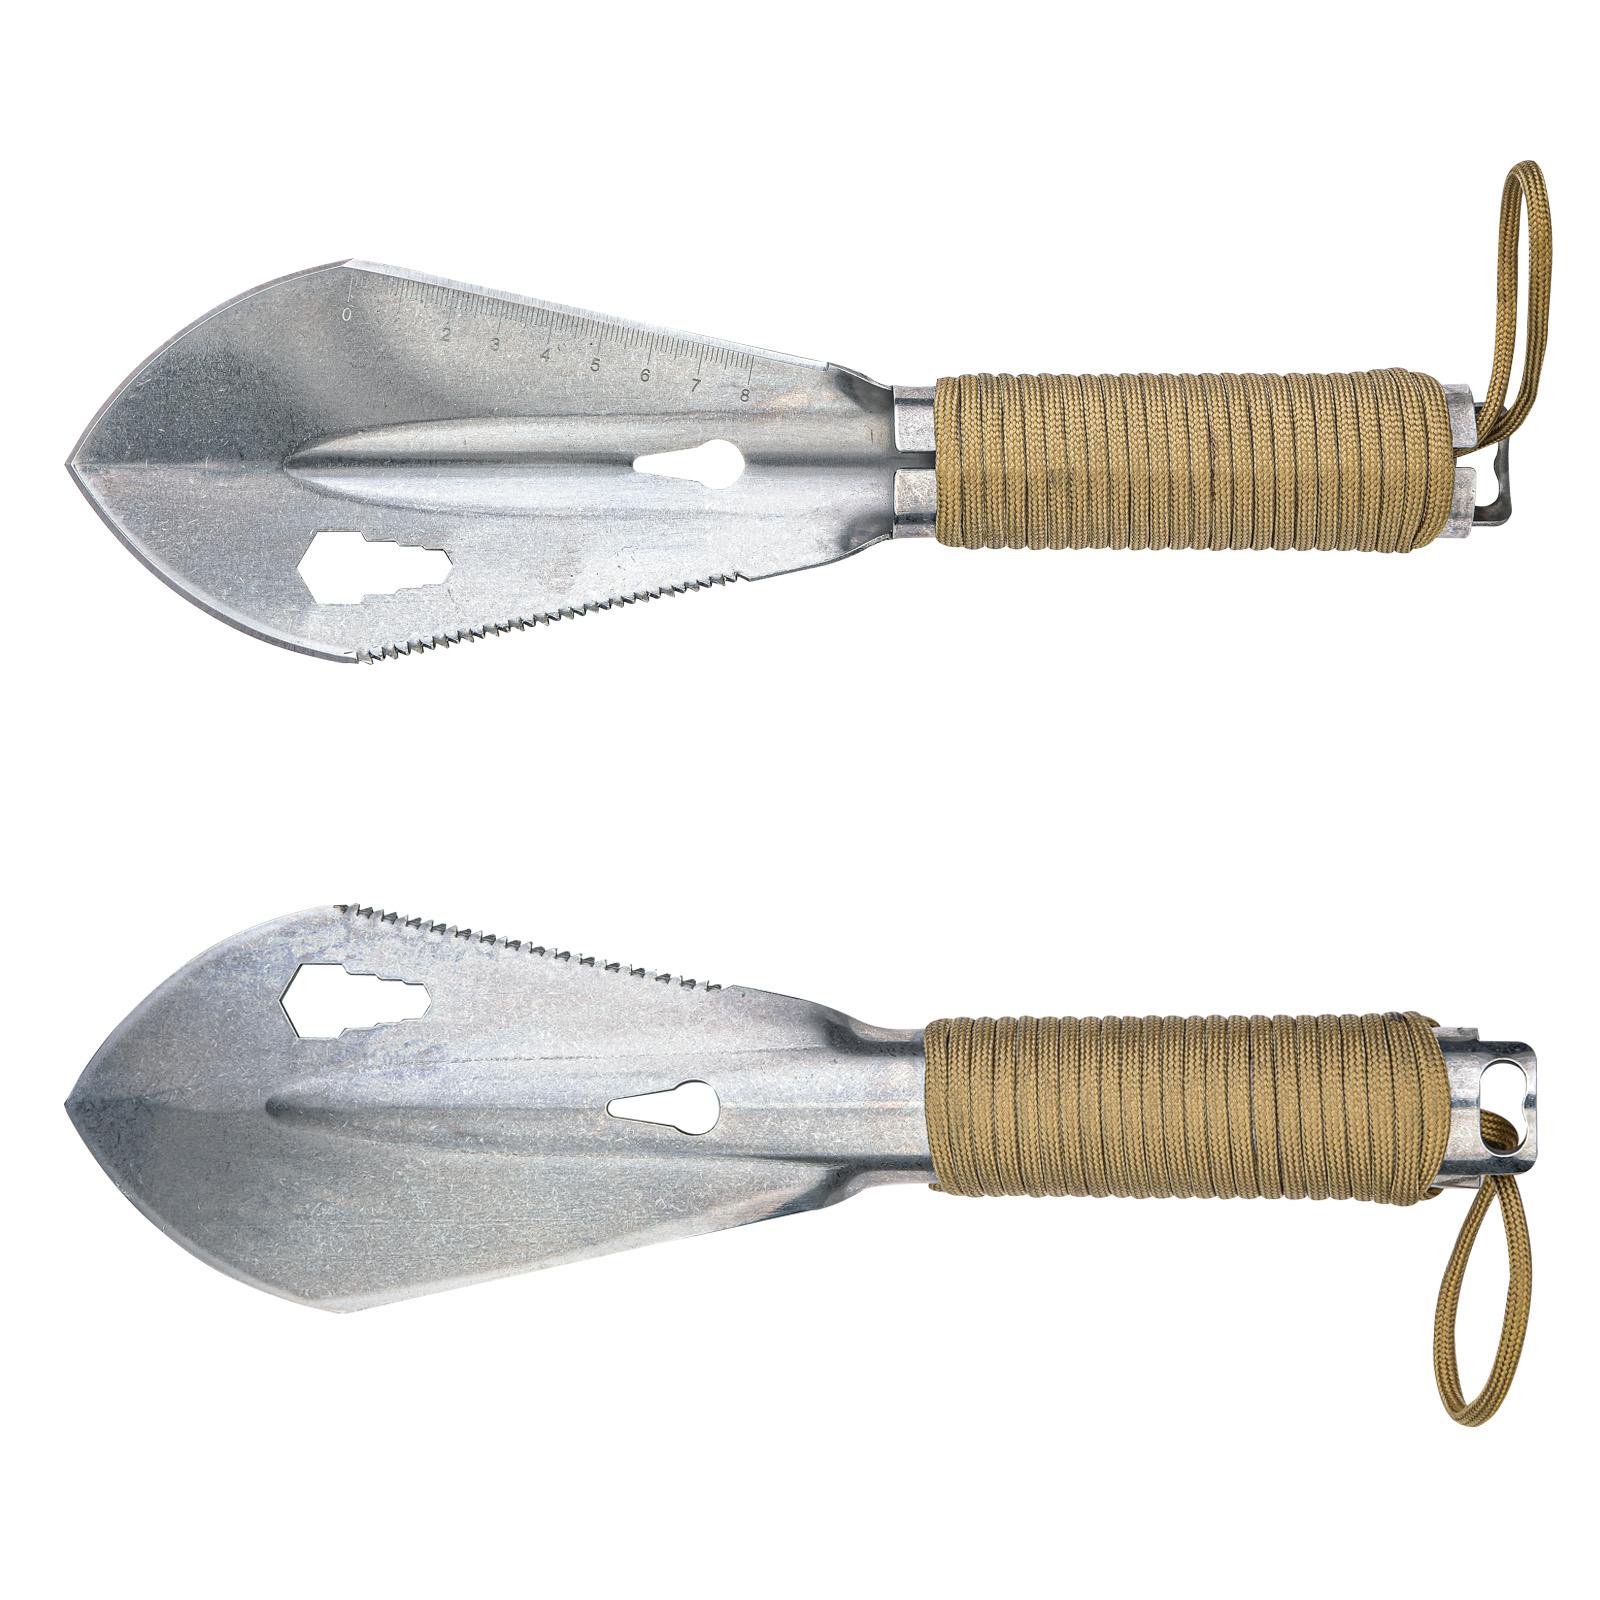 Компактная тактическая лопата с паракордом